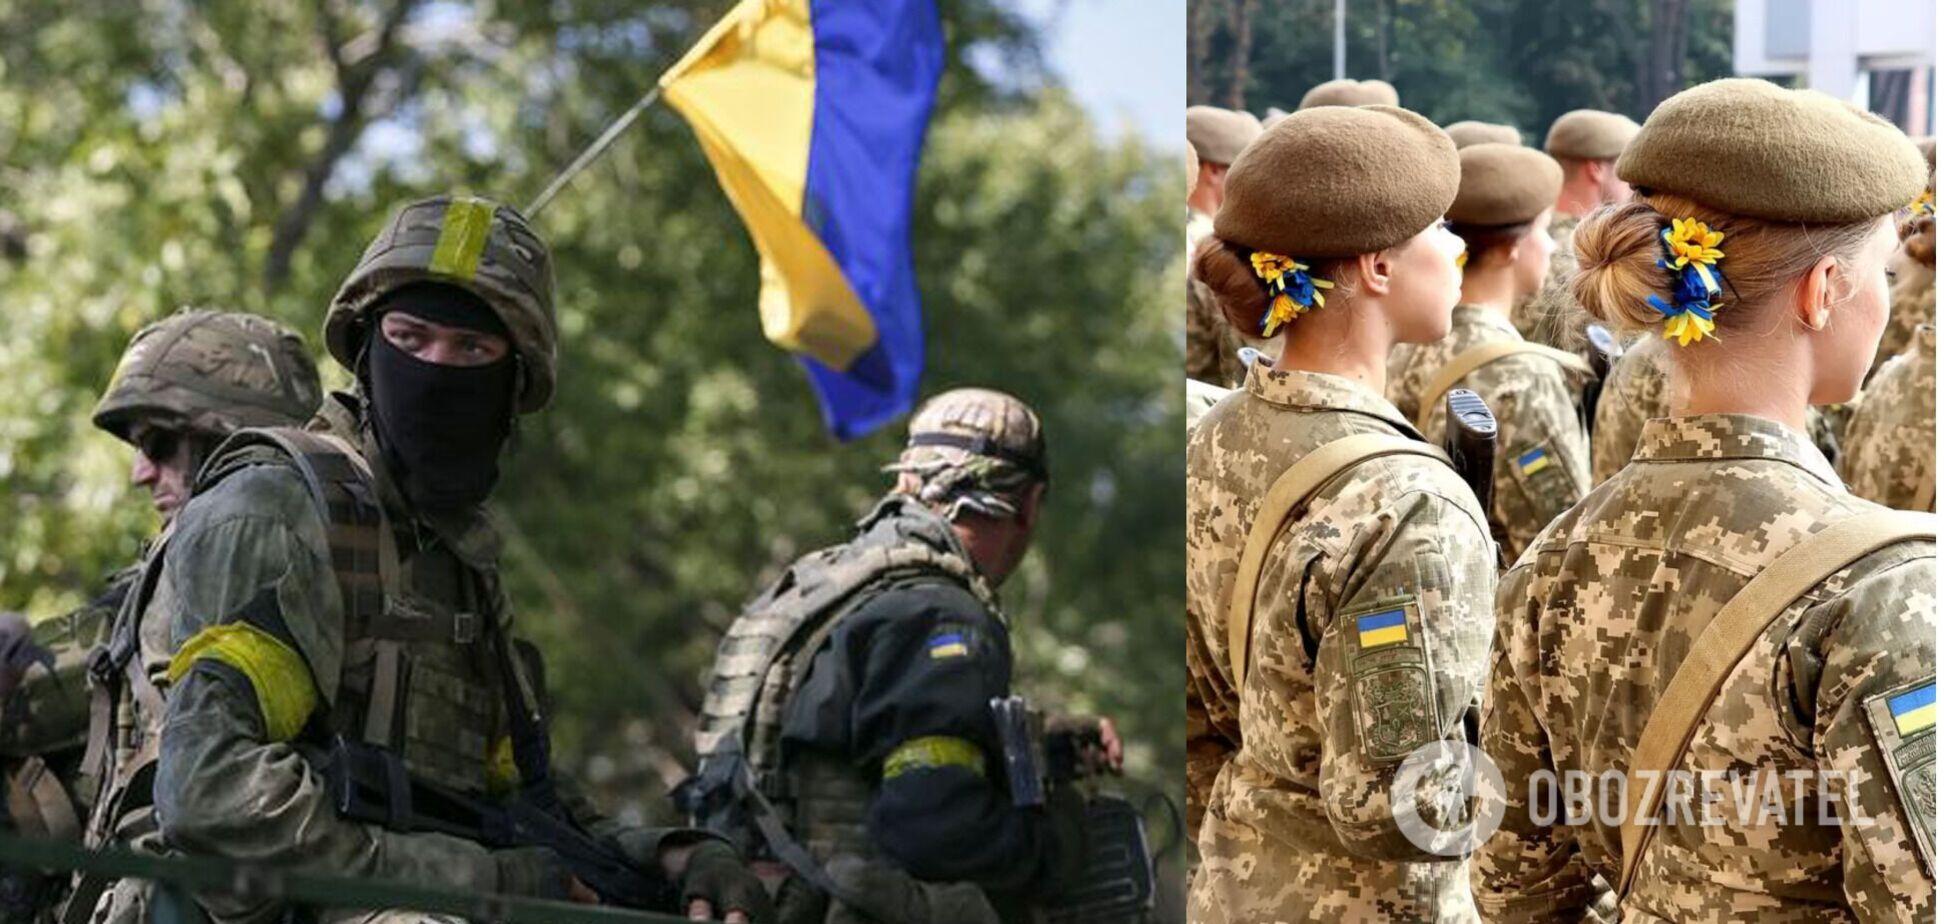 Українські військові з фронту привітали жінок із 8 Березня. Відео